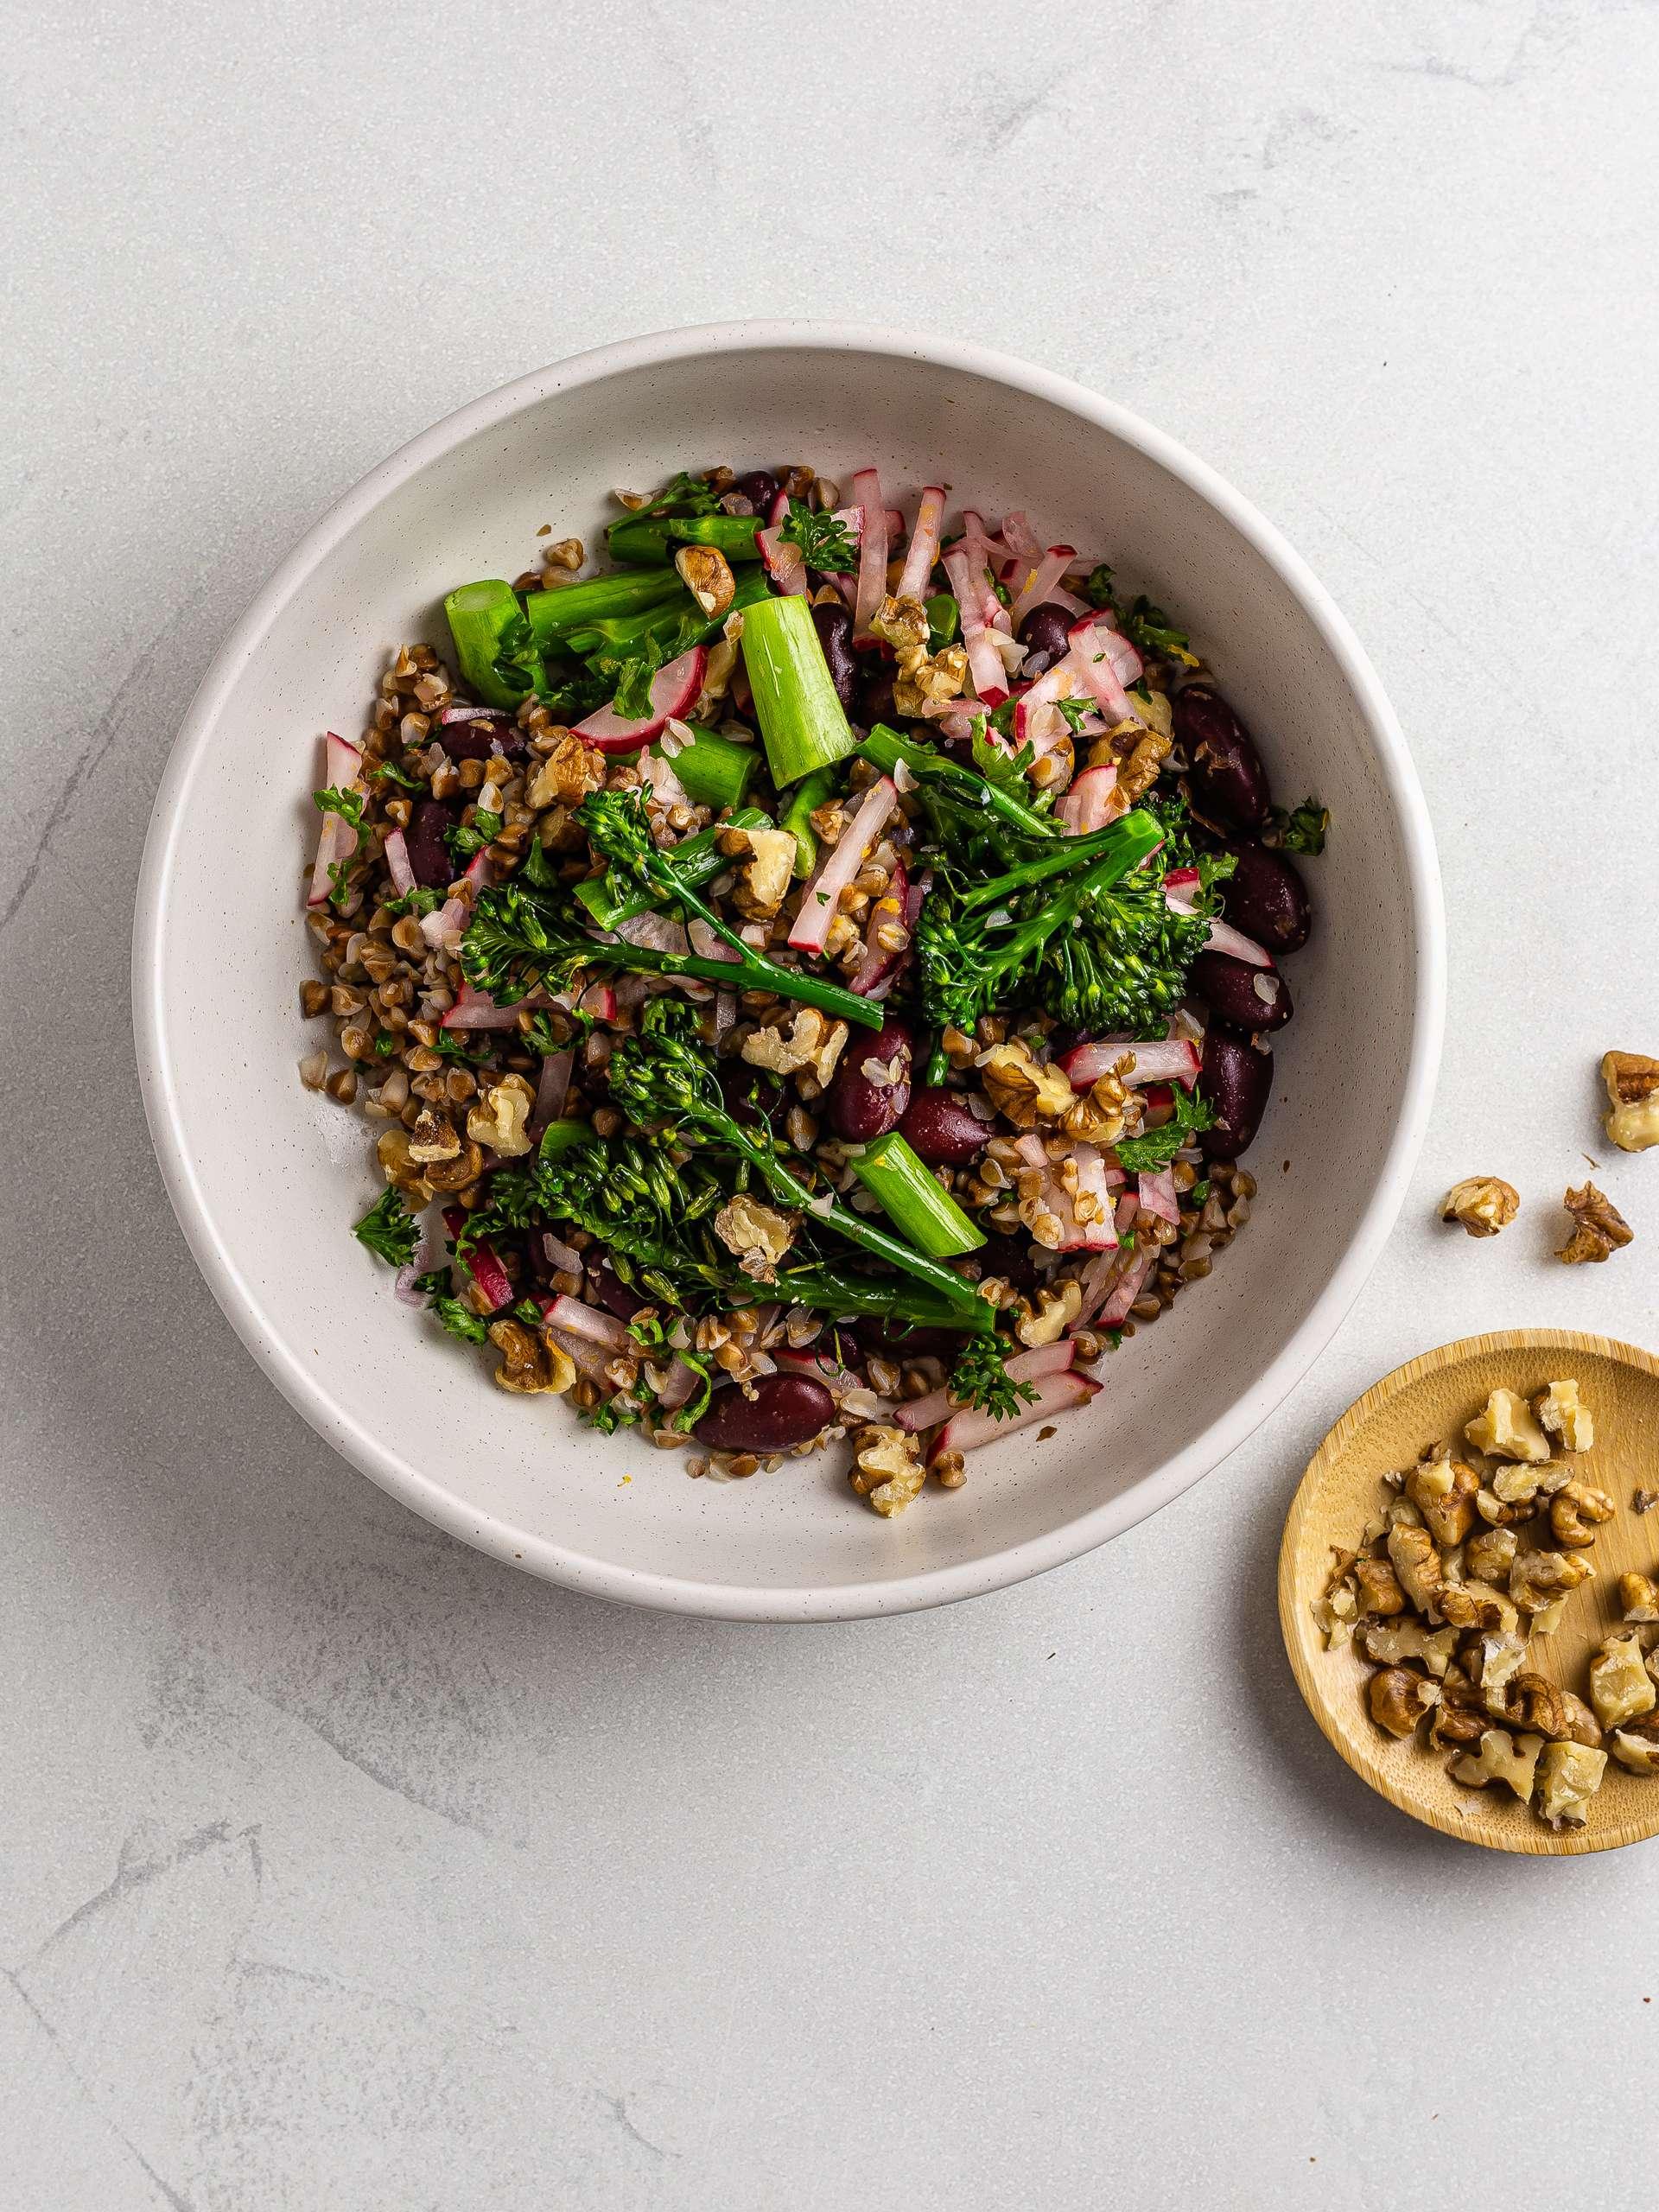 broccoli buckwheat salad with walnuts